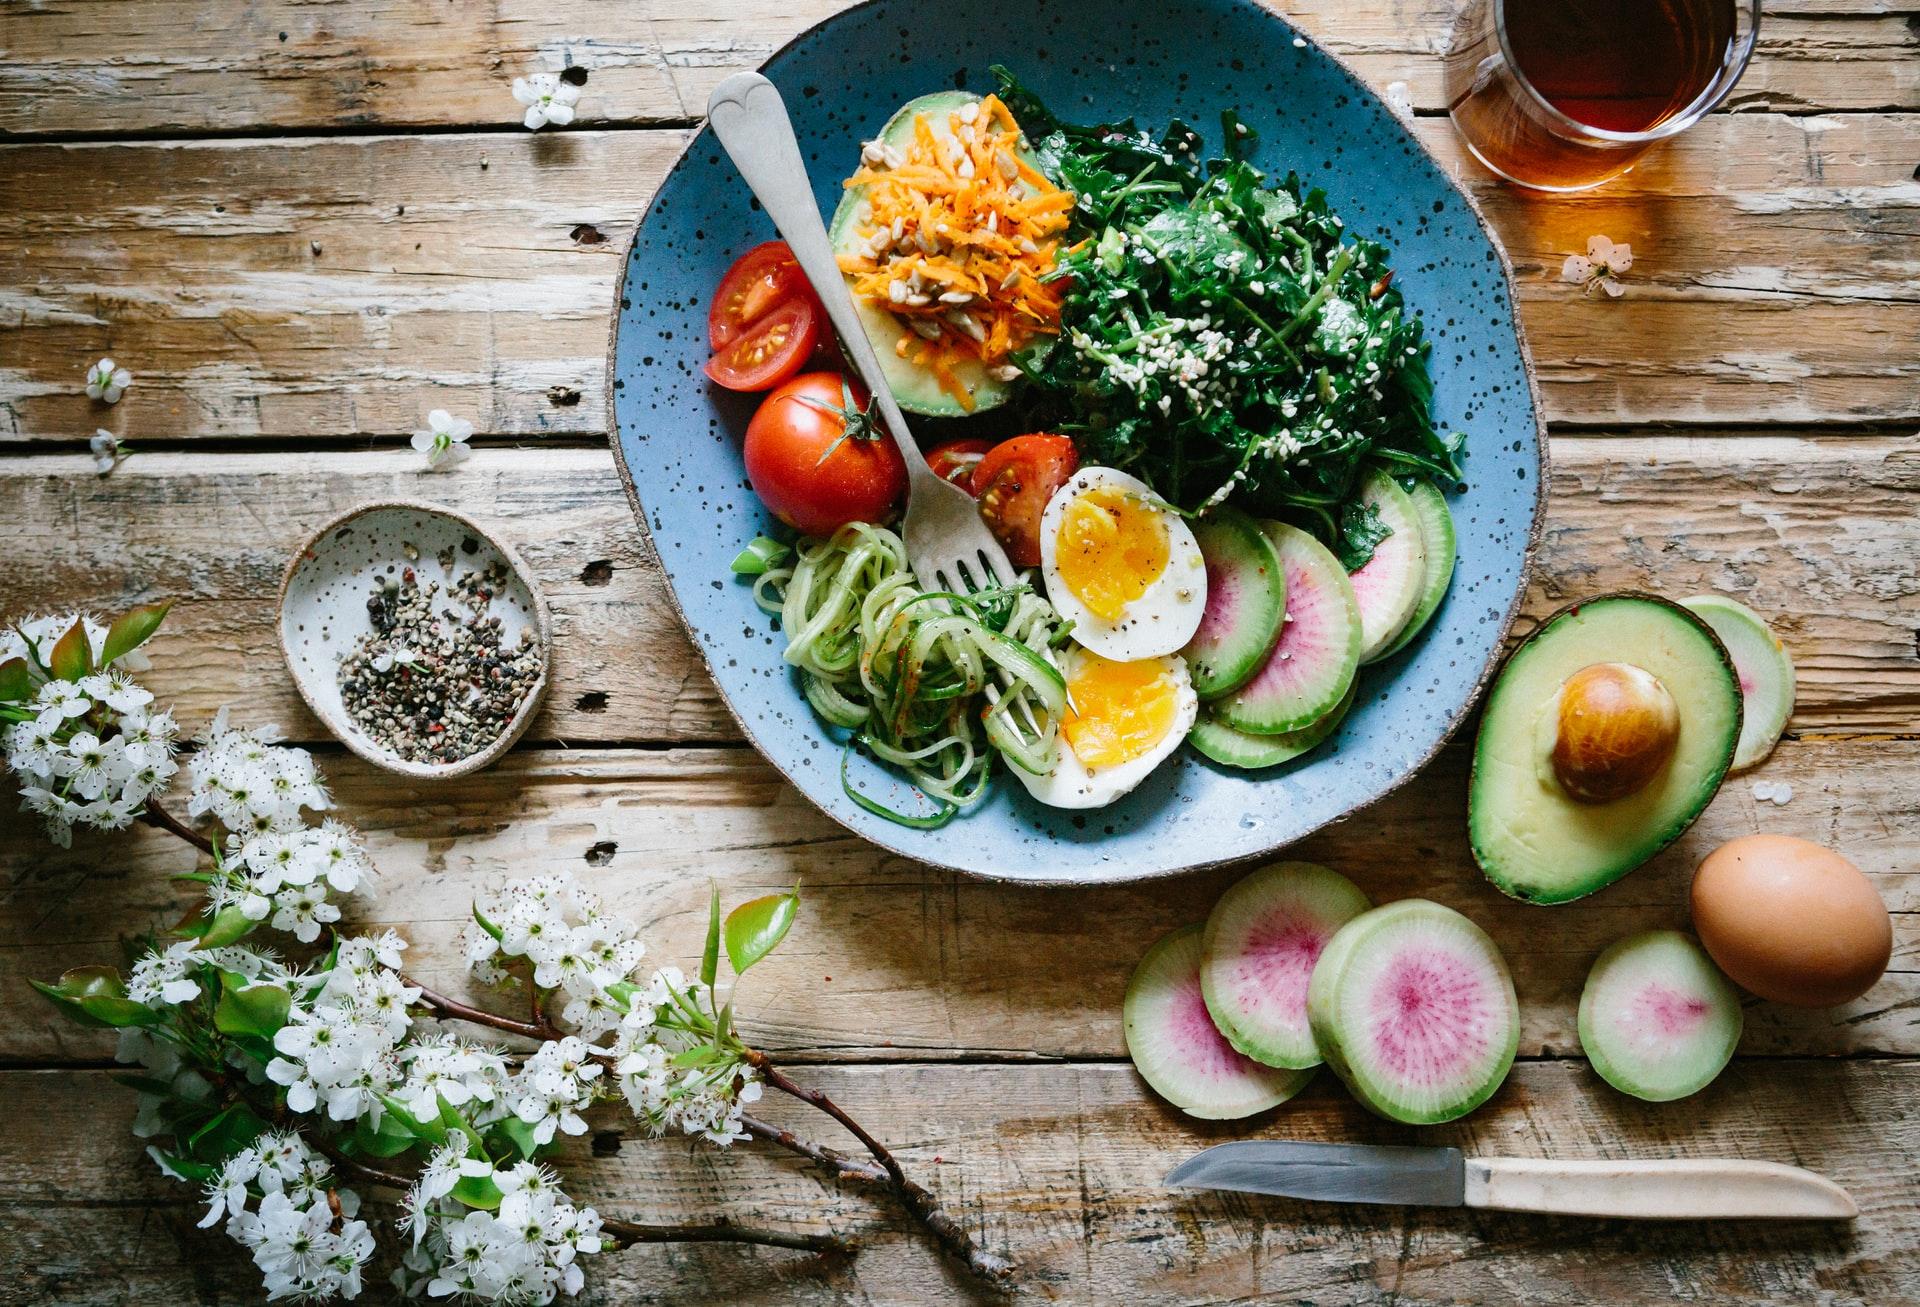 Dieta détox: consejos de experto para eliminar toxinas... y adelgazar